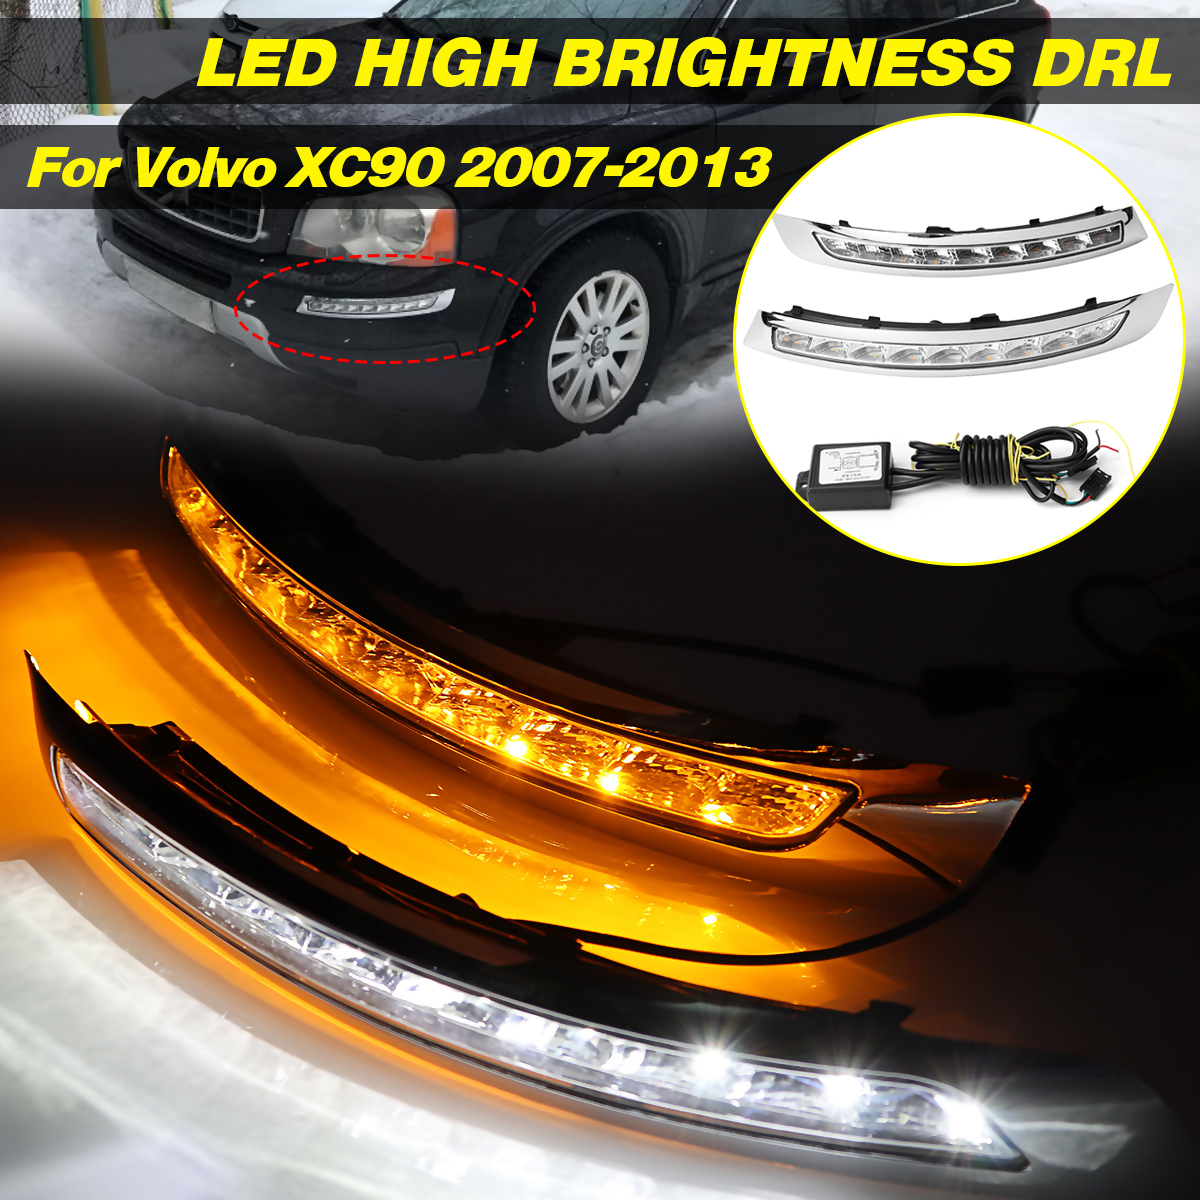 2 шт. Автомобильные дневные ходовые огни светодиодный DRL для Volvo XC90 2007 2008 2009 2010 2011 2012 2013 лампы сигнала поворота противотуманная фара мигающий